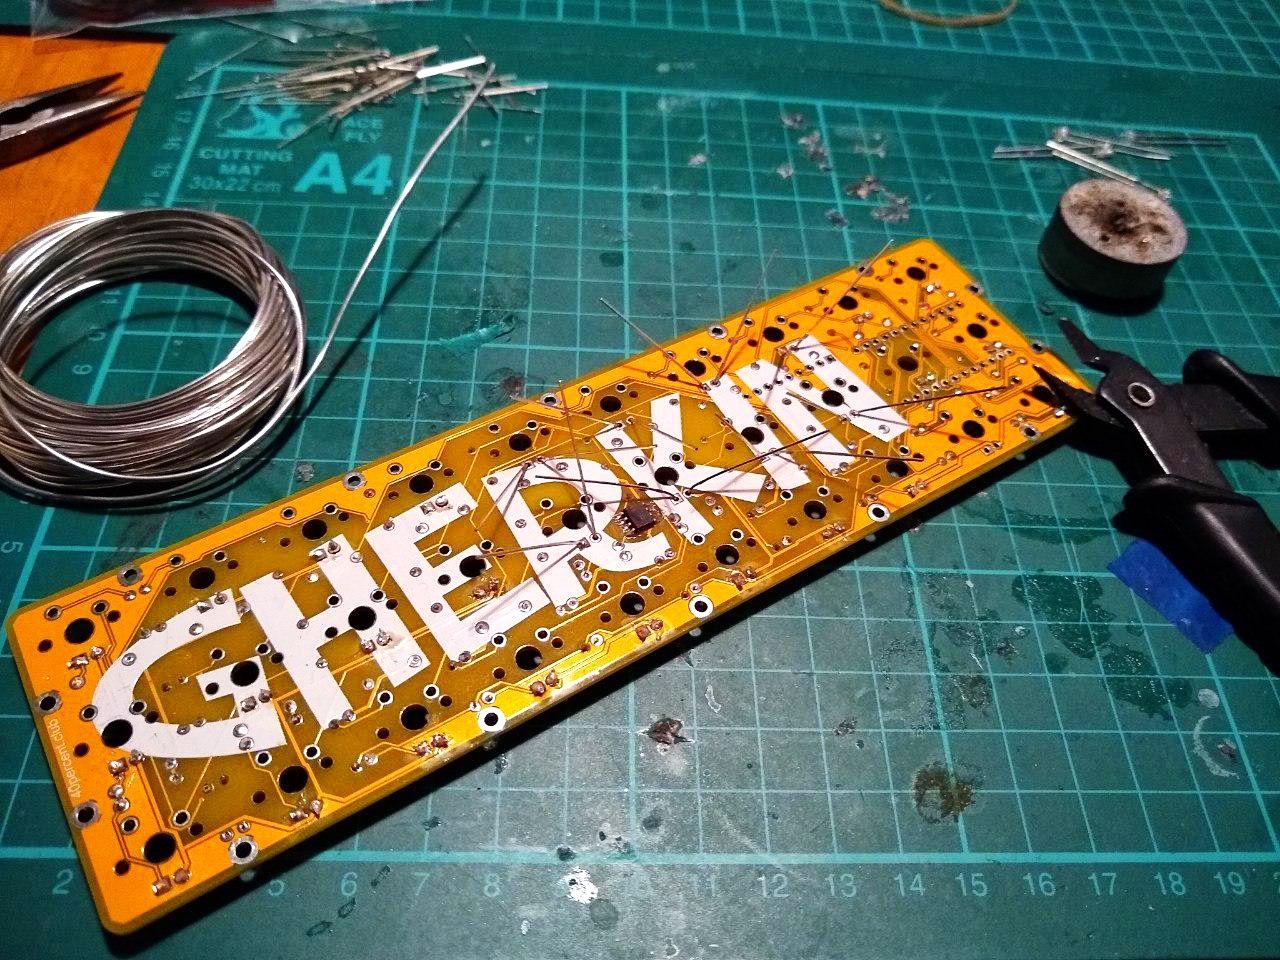 Gherkin LED build log